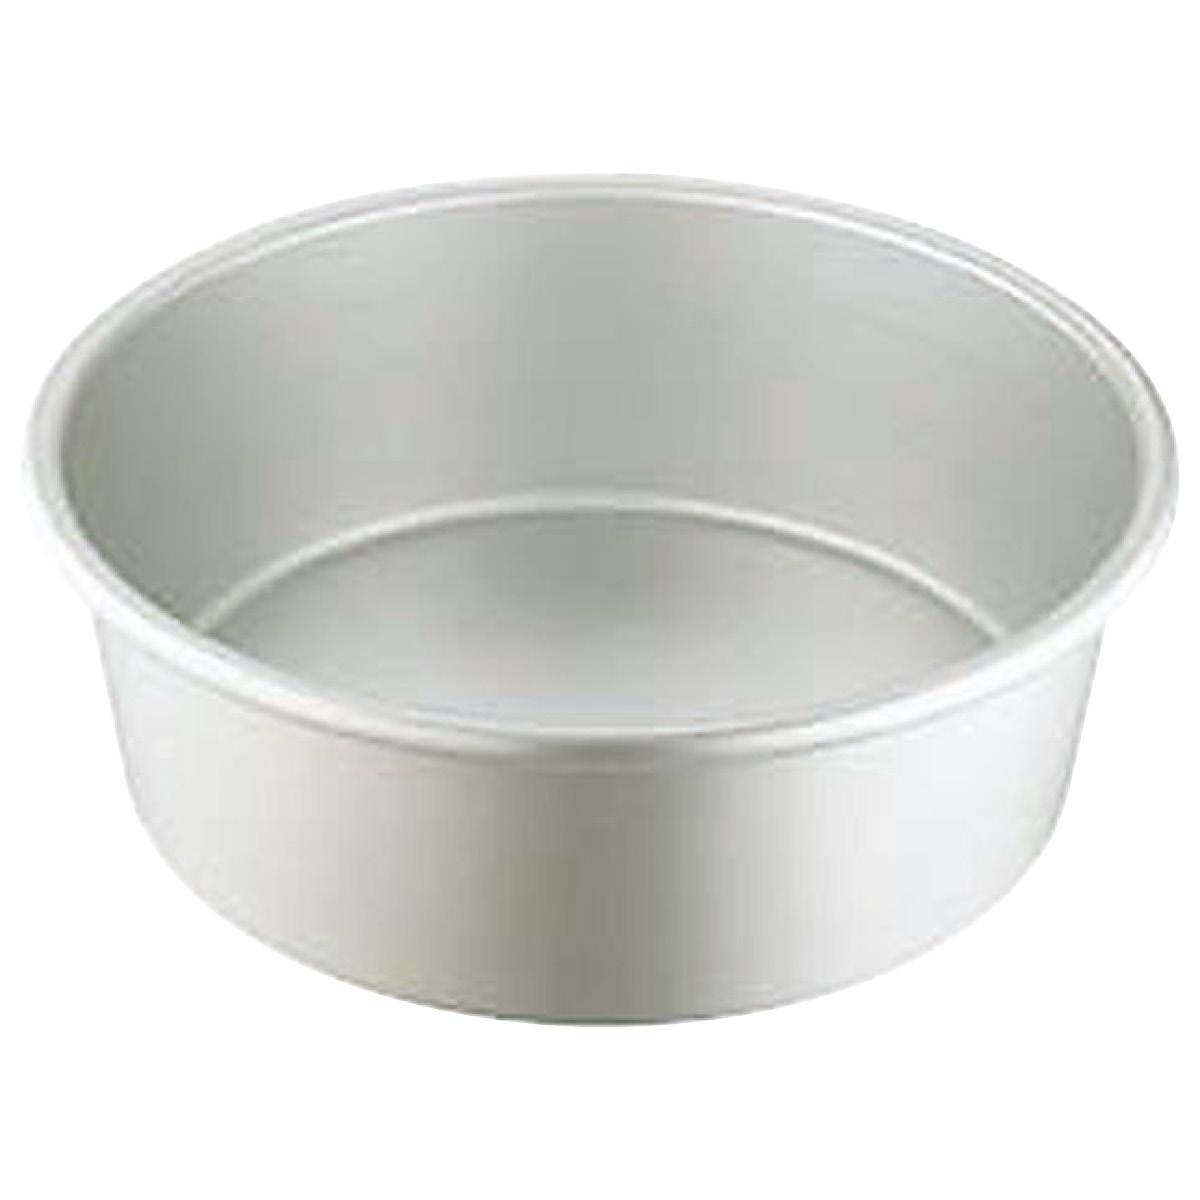 洗桶 洗い桶 料理桶 新着セール タライ たらい アルミ 業務用 66cm 在庫一掃 アルマイ 80.0L アルマイトタライ 日本製